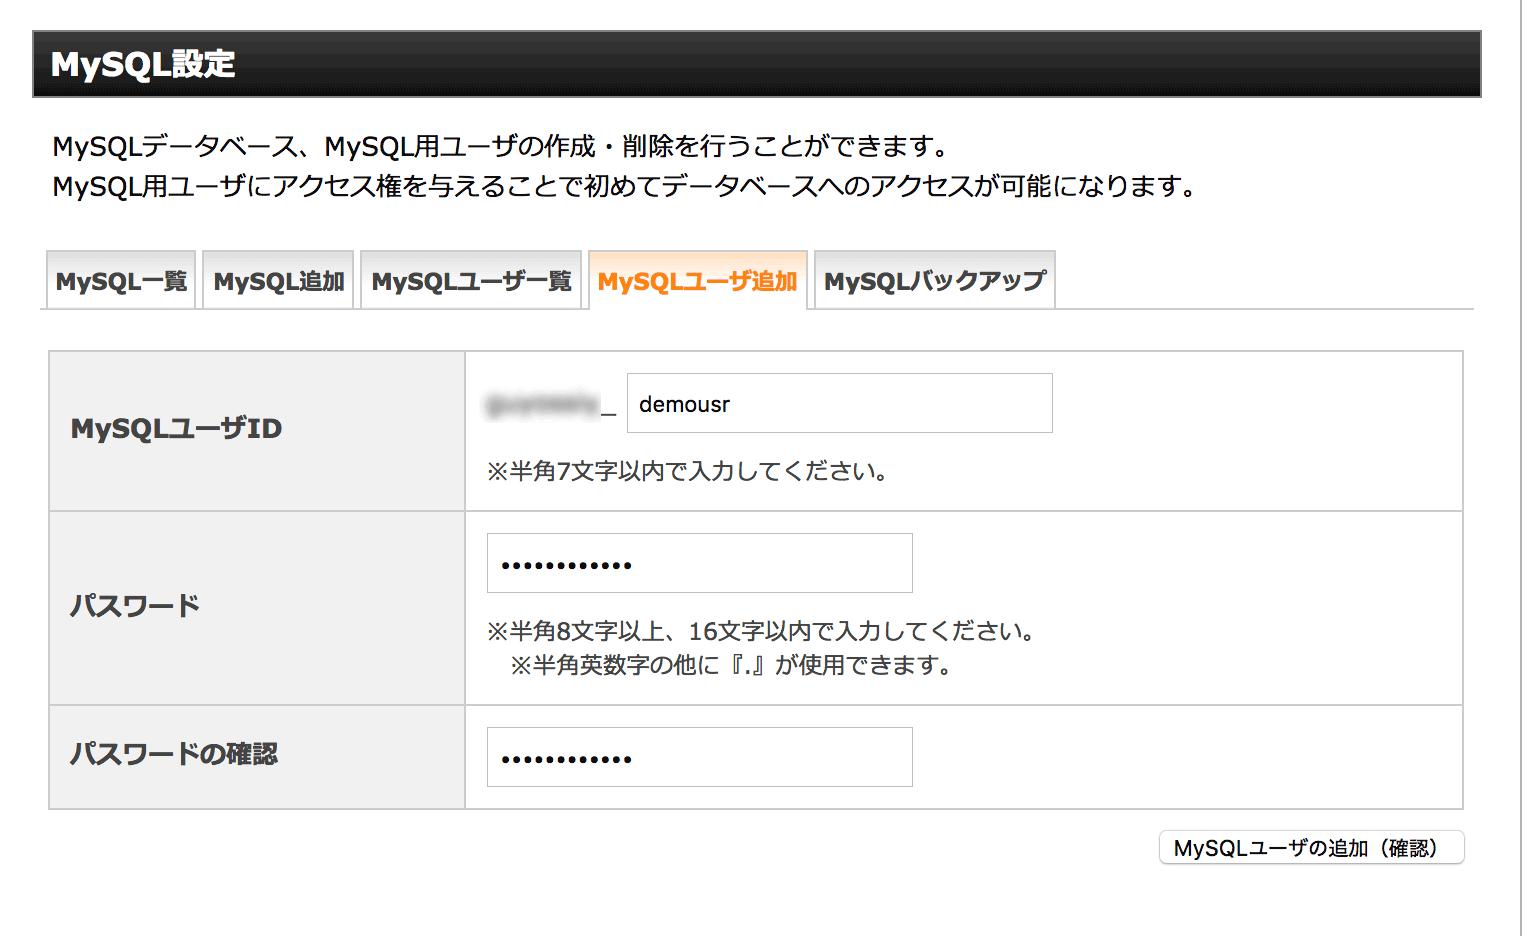 MySQLユーザー追加からユーザー名とパスワードを入力します